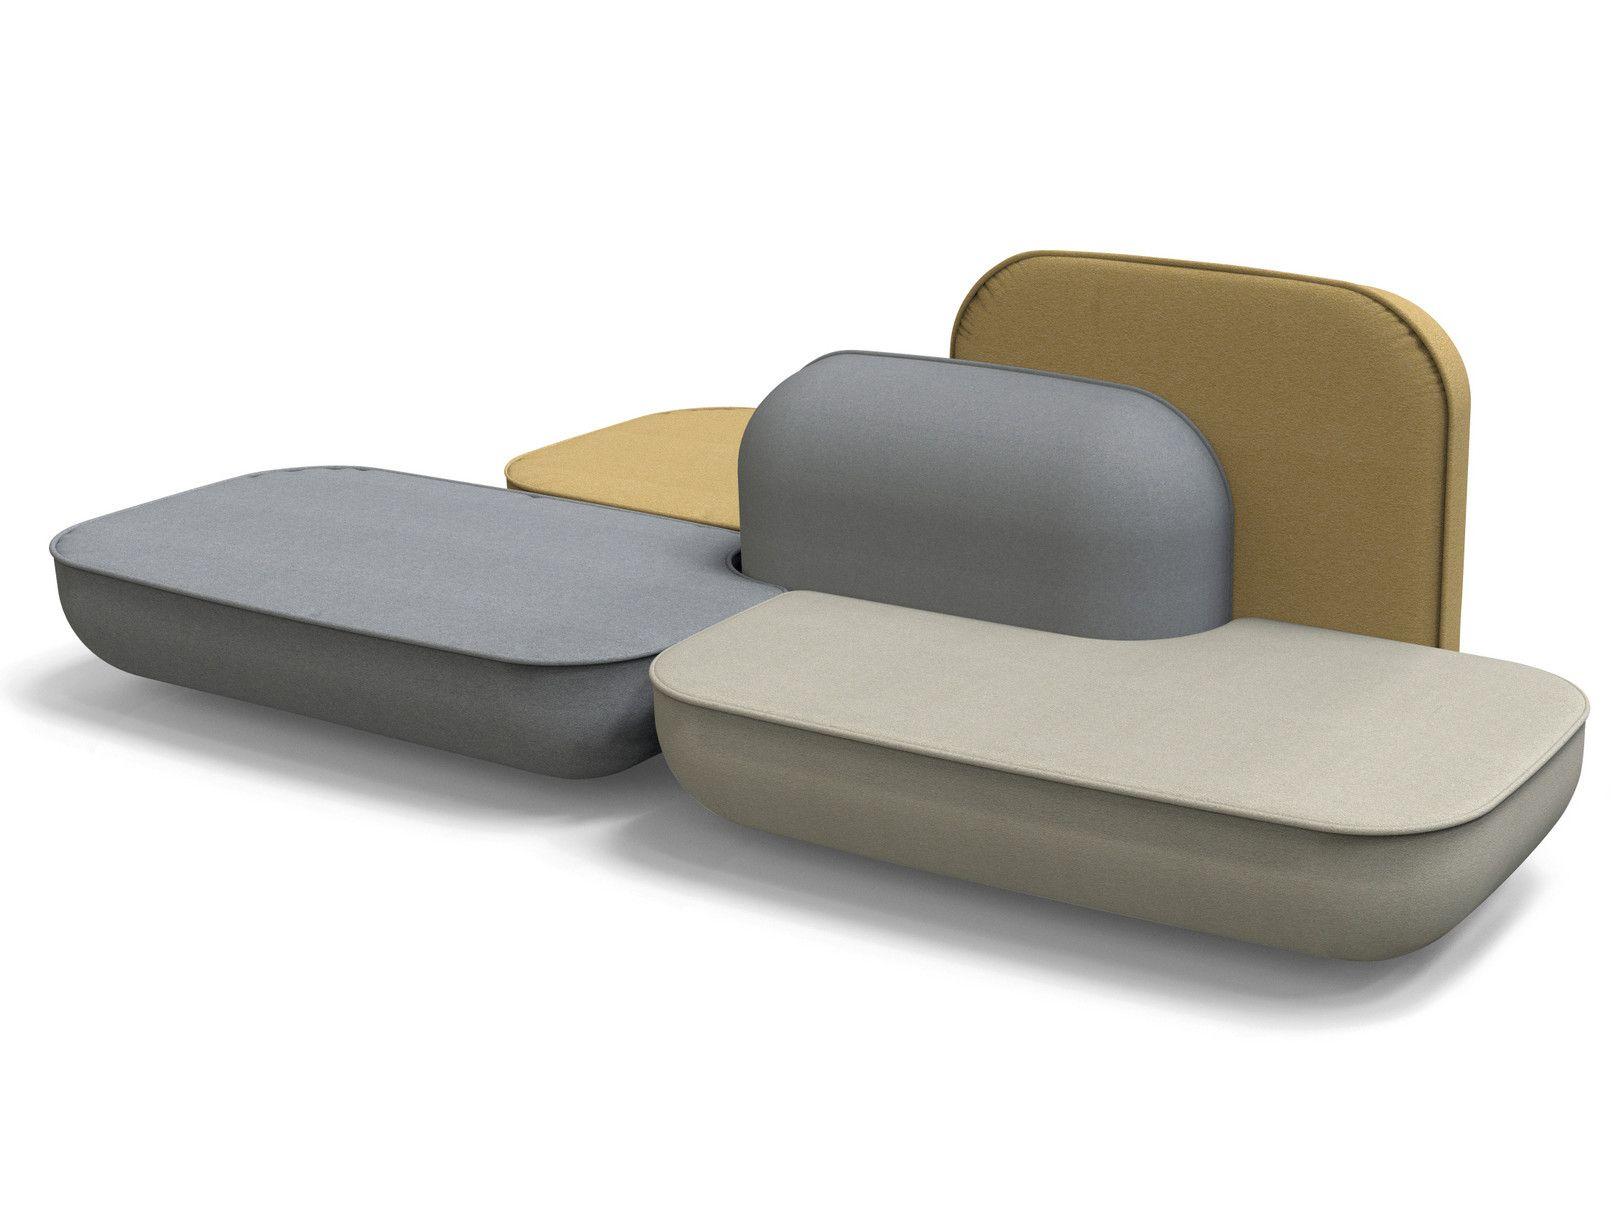 Divano componibile modulare OKOME O07 by Alias | Design nel 2018 ...